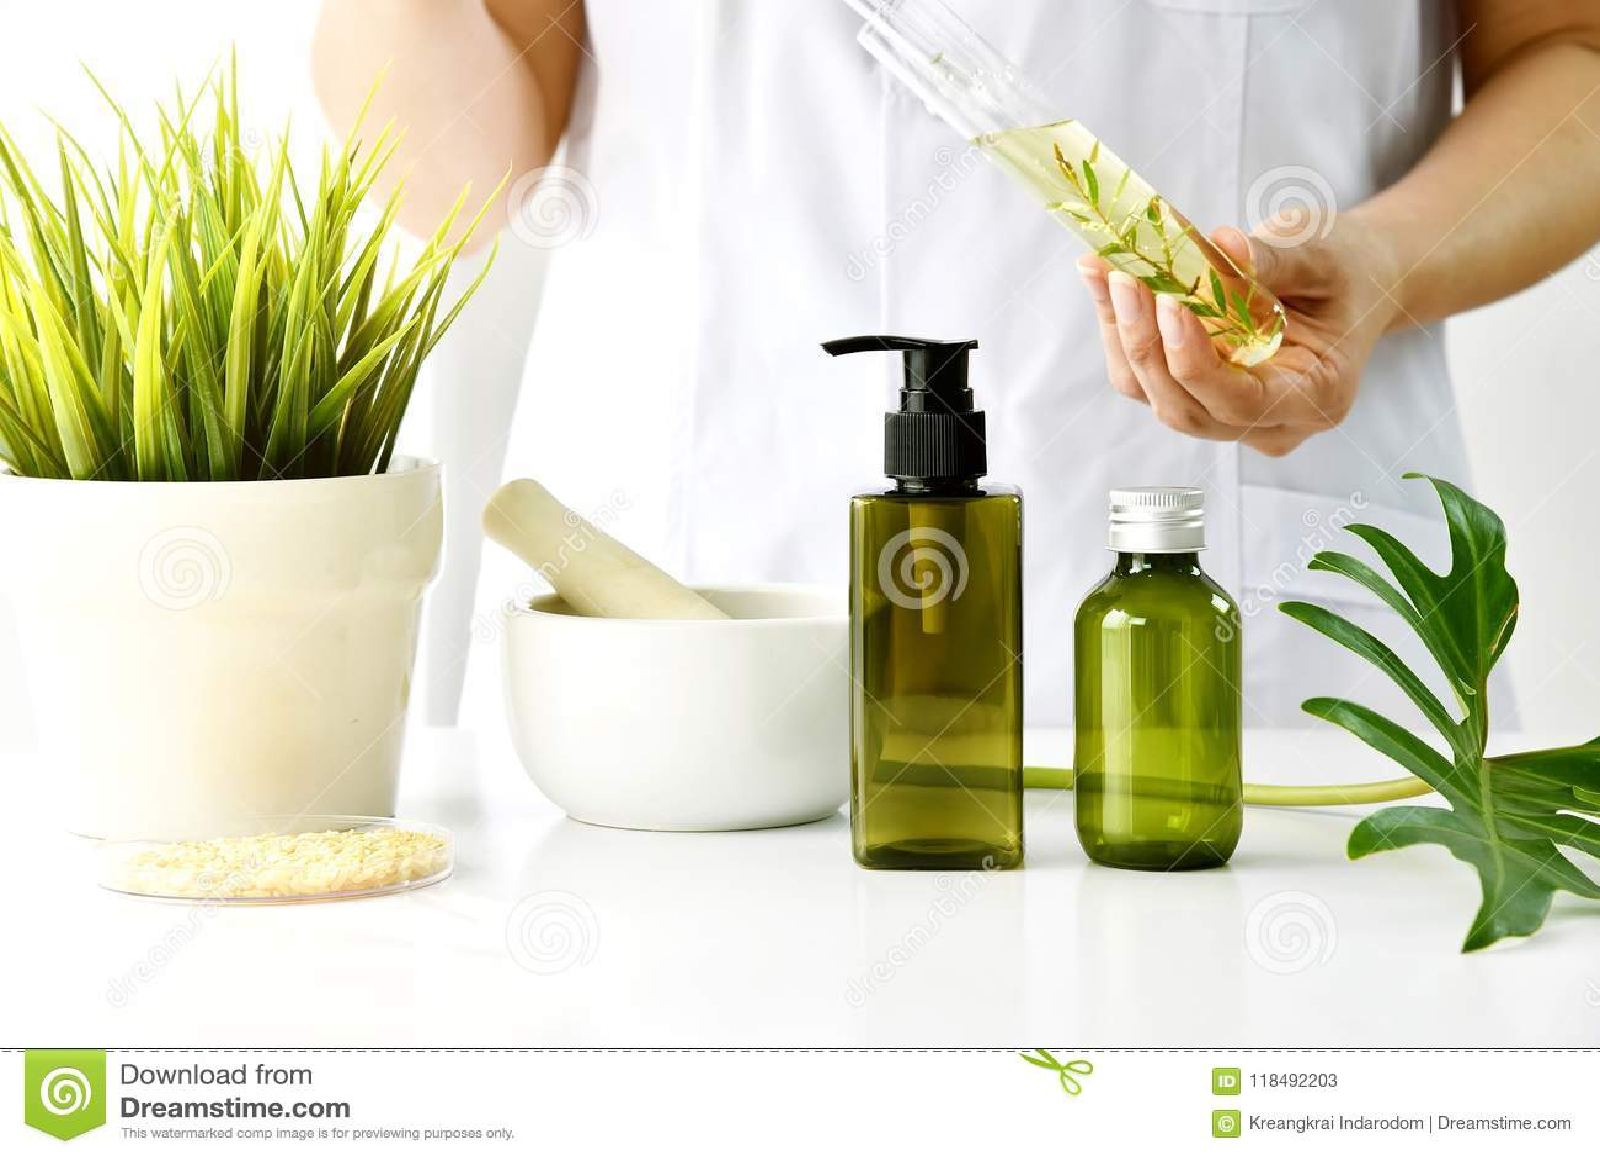 Φυσικό καλλυντικό ή skincare ανάπτυξη στο εργαστήριο, οργανικό απόσπασμα στο καλλυντικό εμπορευματοκιβώτιο μπουκαλιών